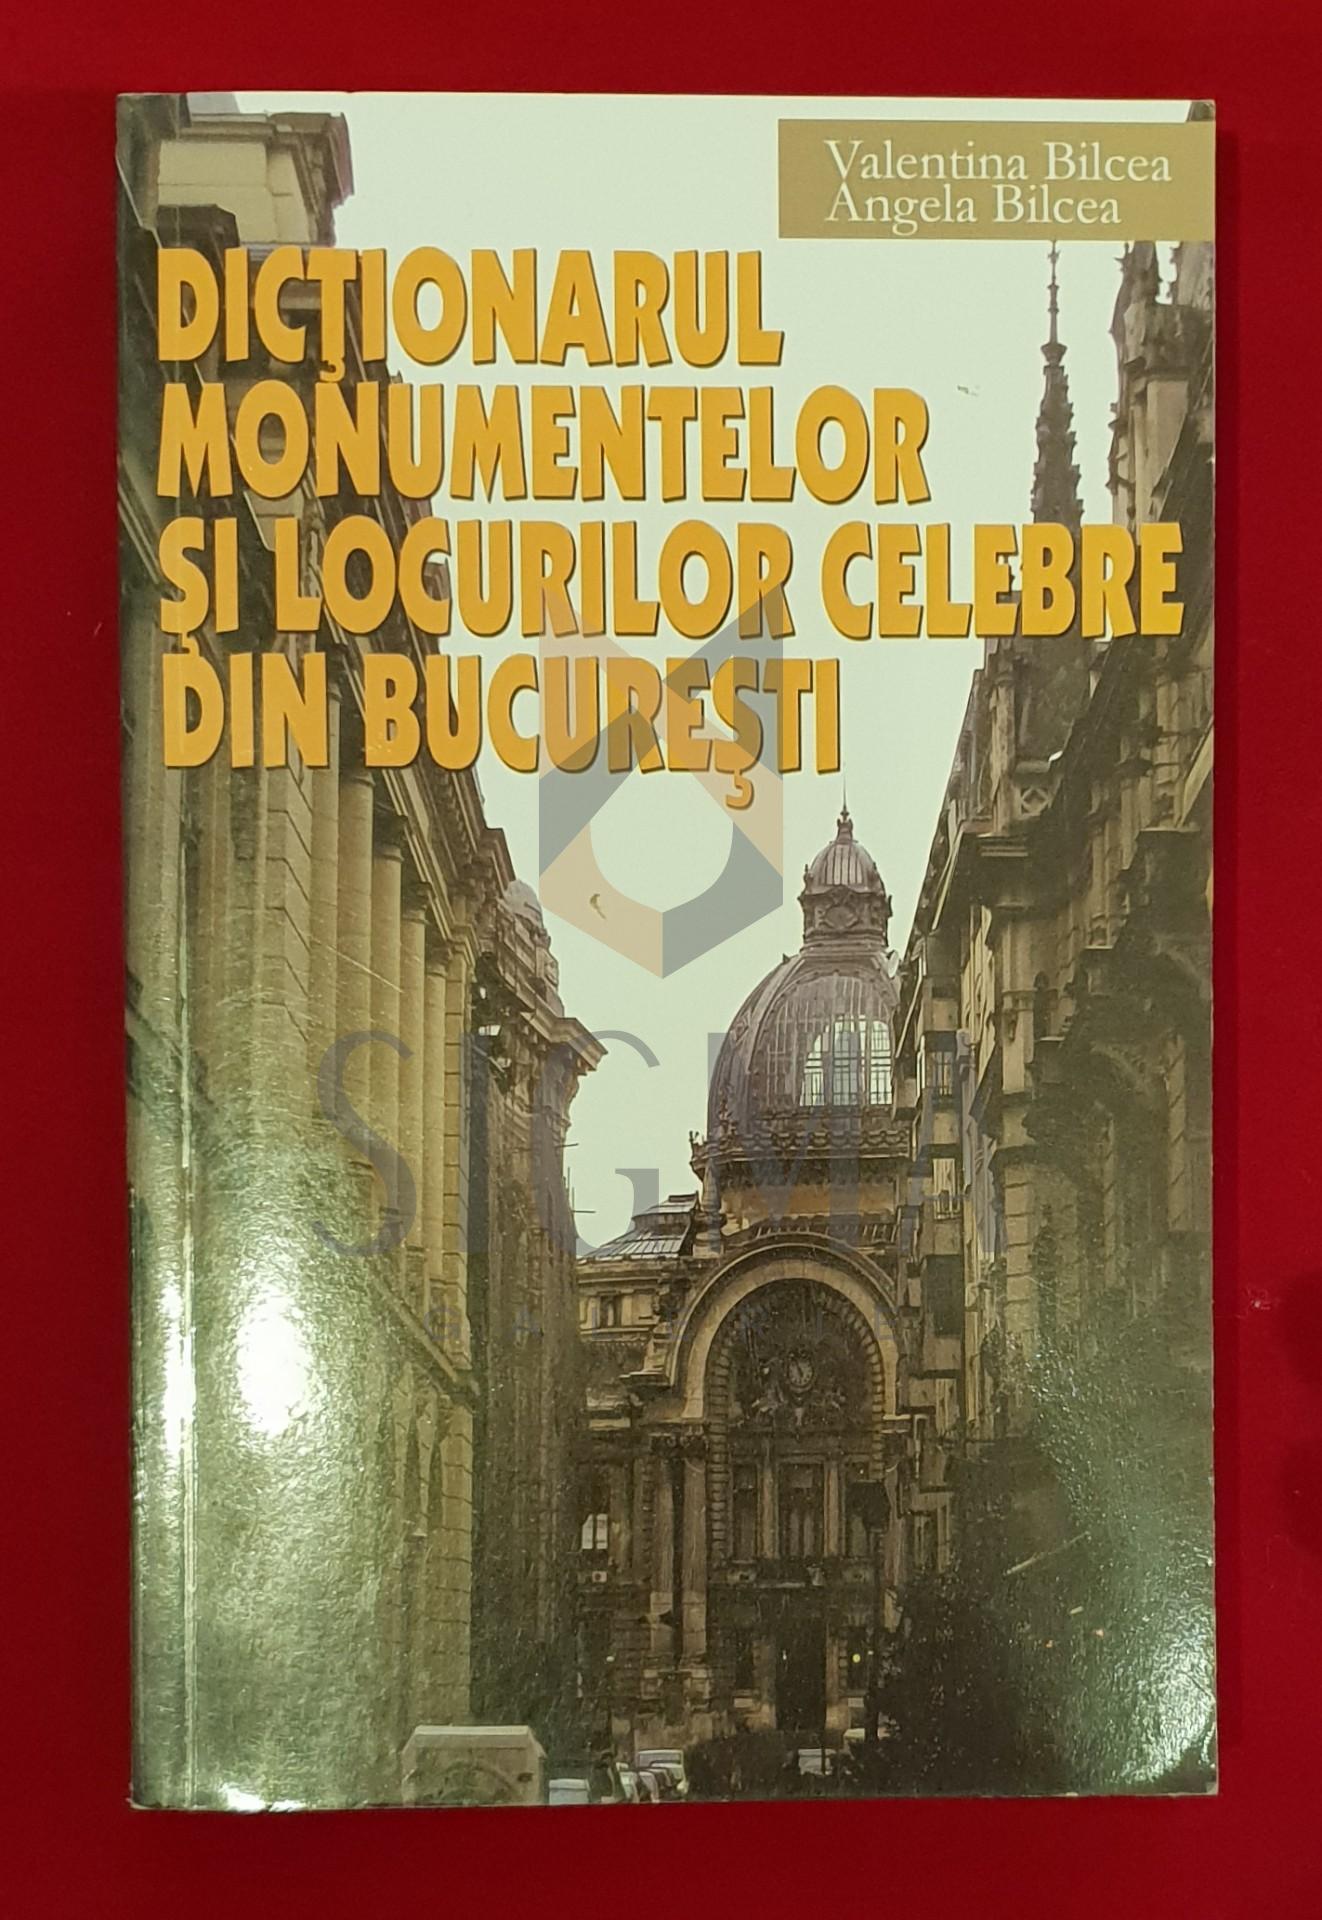 Dictionarul monumentelor si locurilor celebre din Bucuresti